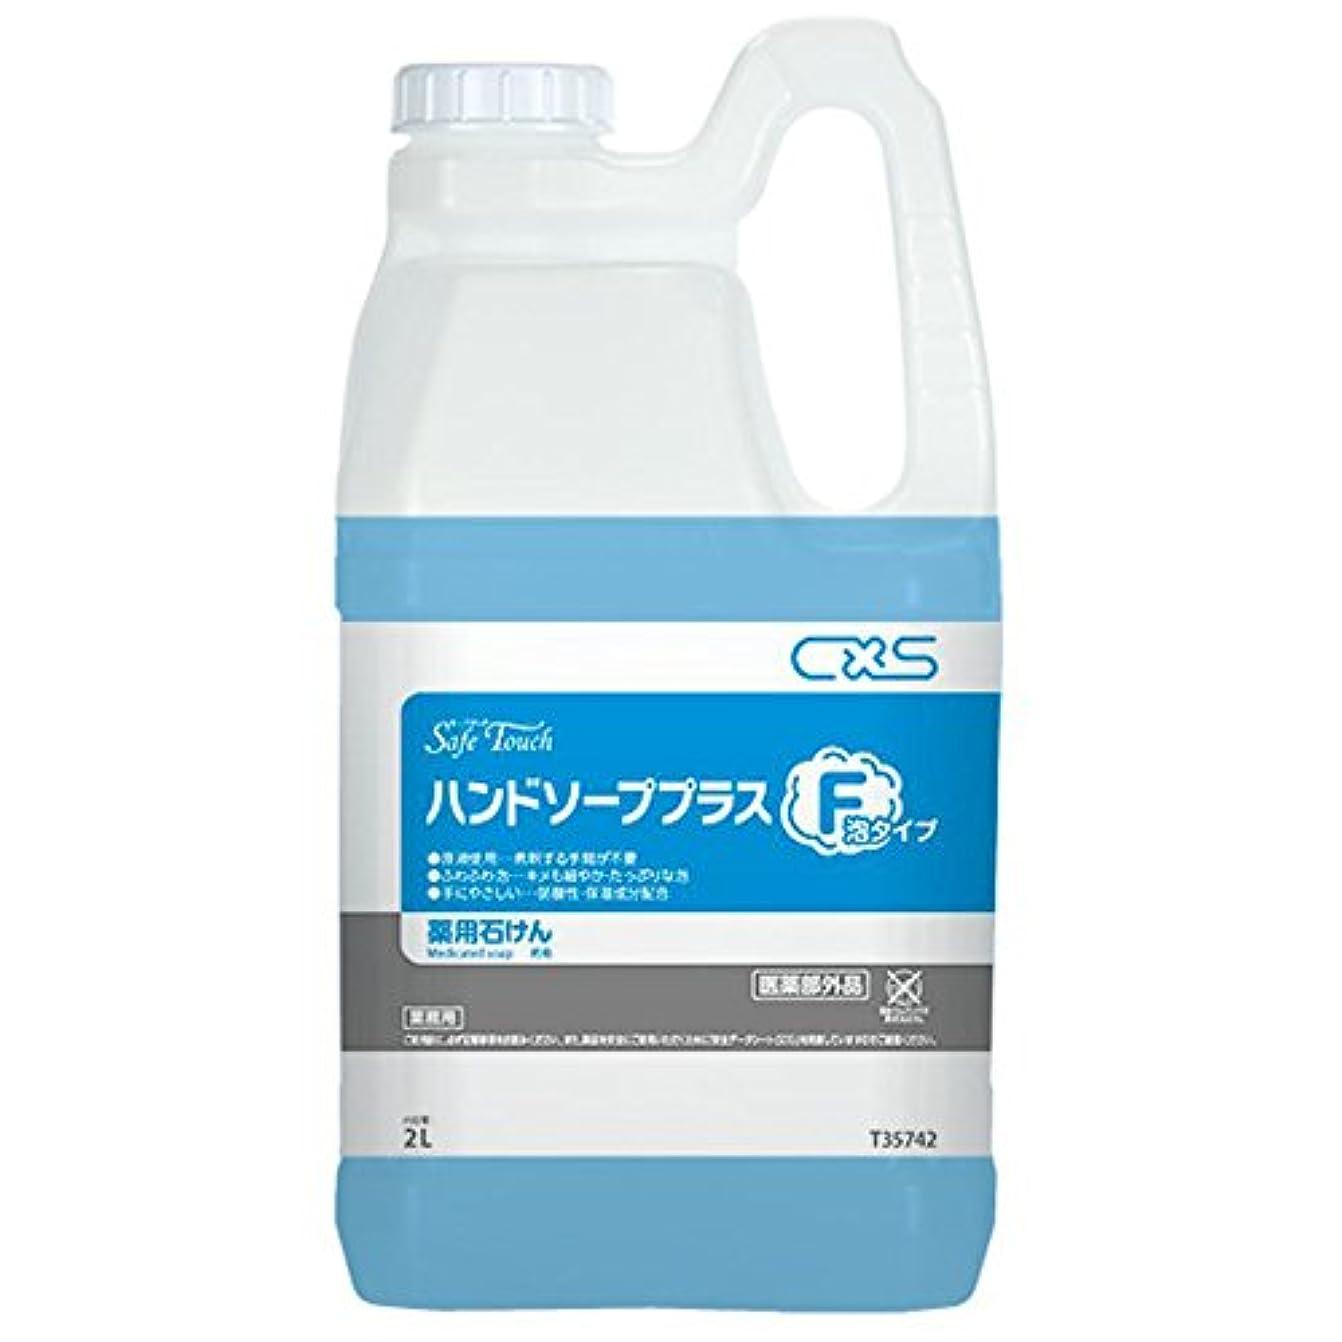 佐賀海岸グリップシーバイエス(C×S) 殺菌?消毒用手洗い石けん セーフタッチハンドソーププラスF 2L